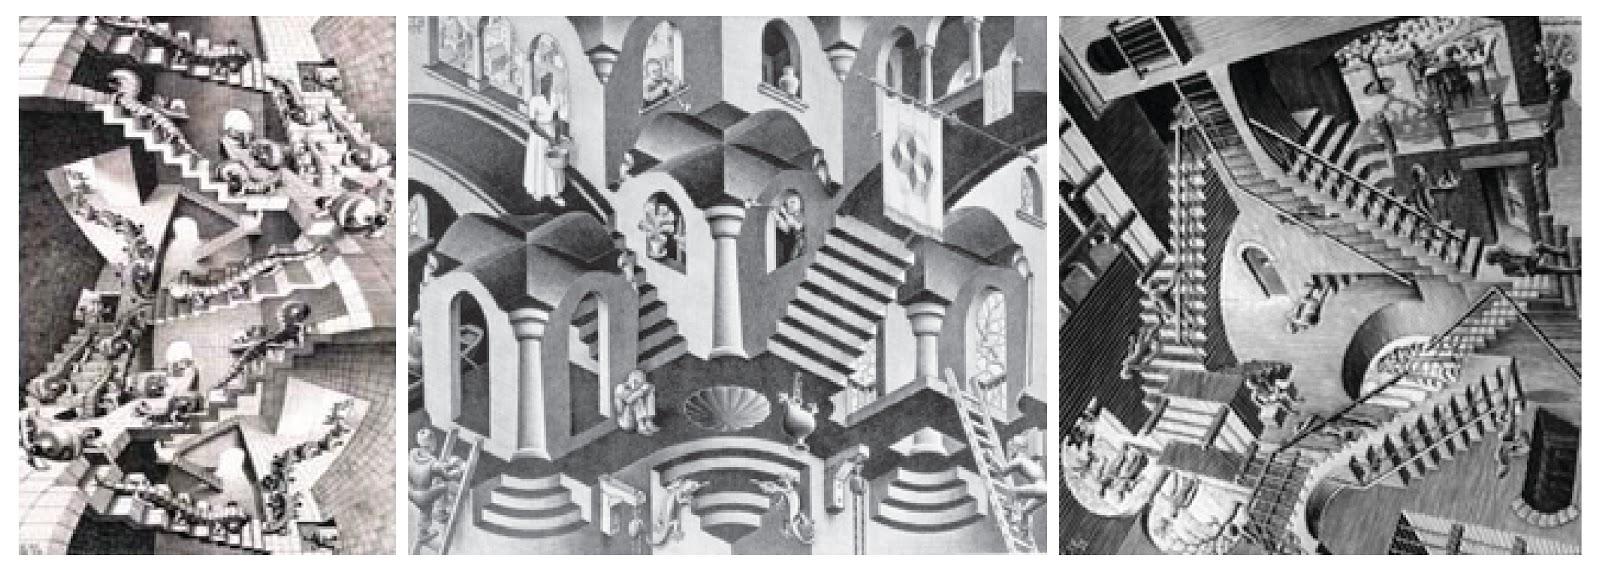 Esquisse artesvisuales maestros m c escher for Escaleras infinitas